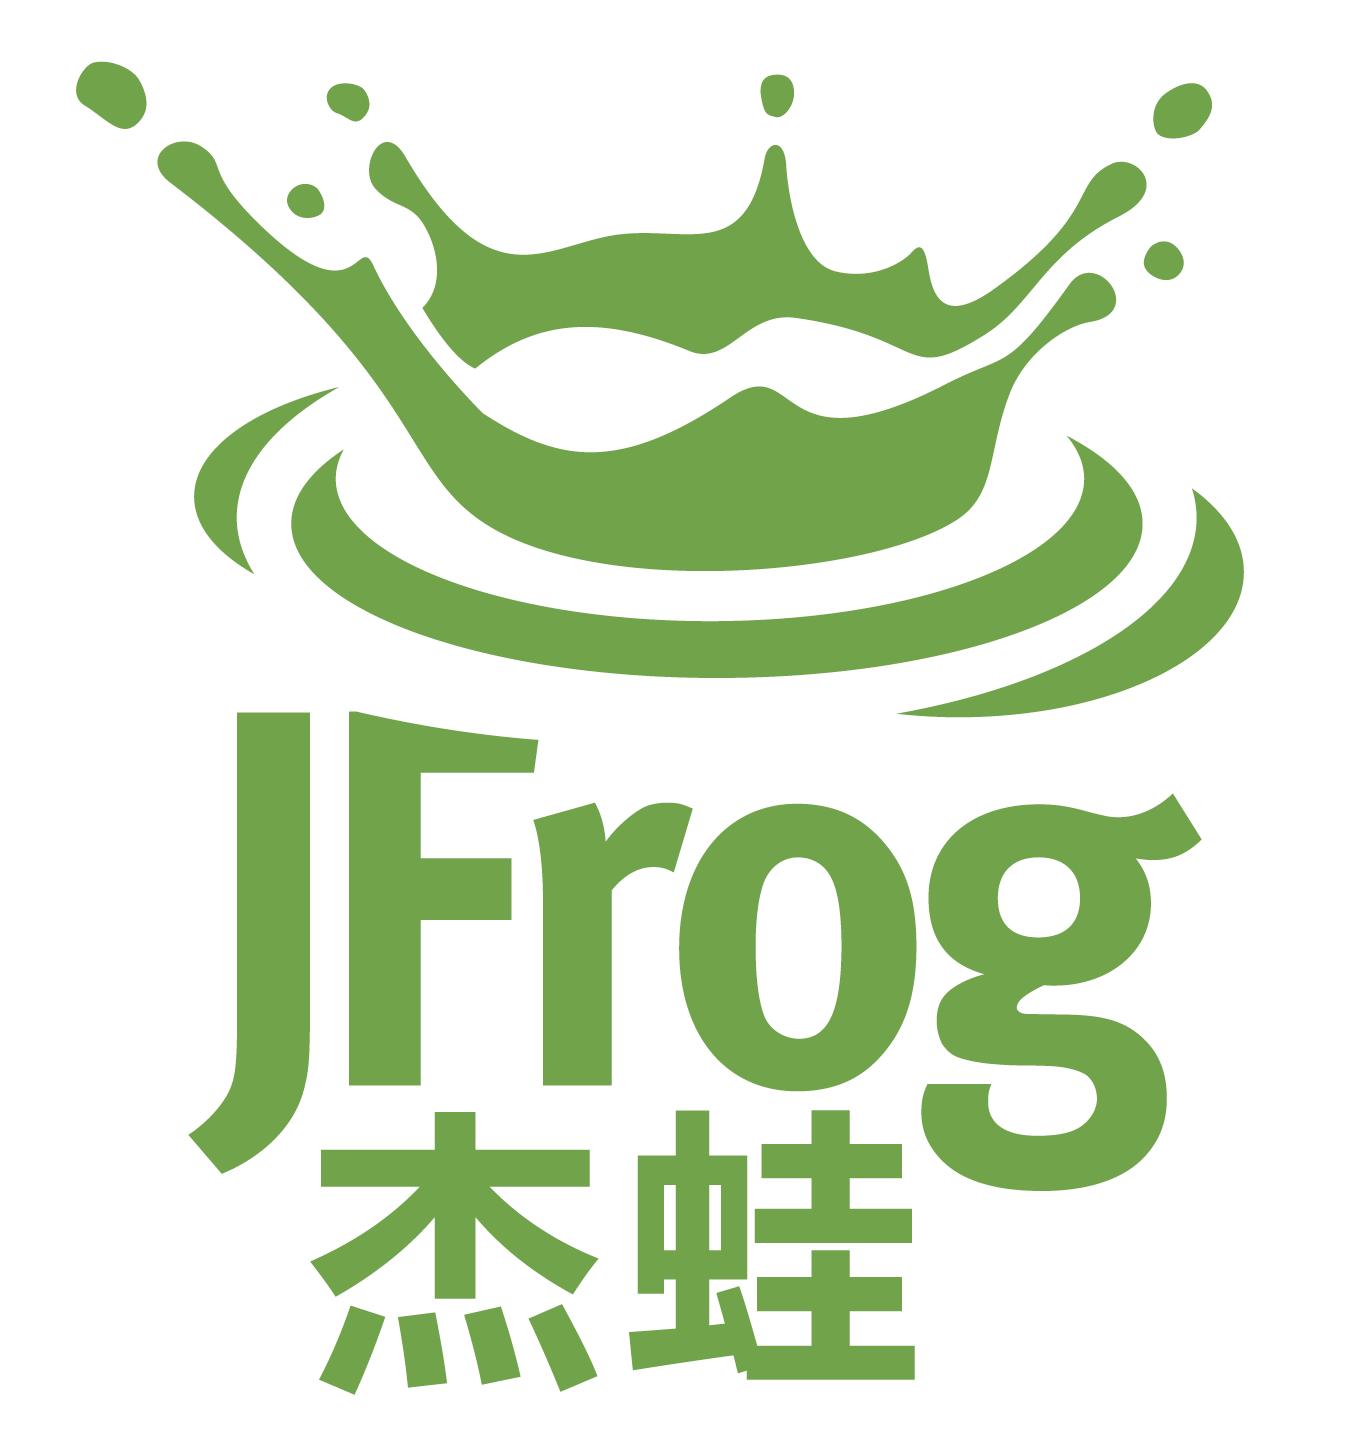 jfrogcn